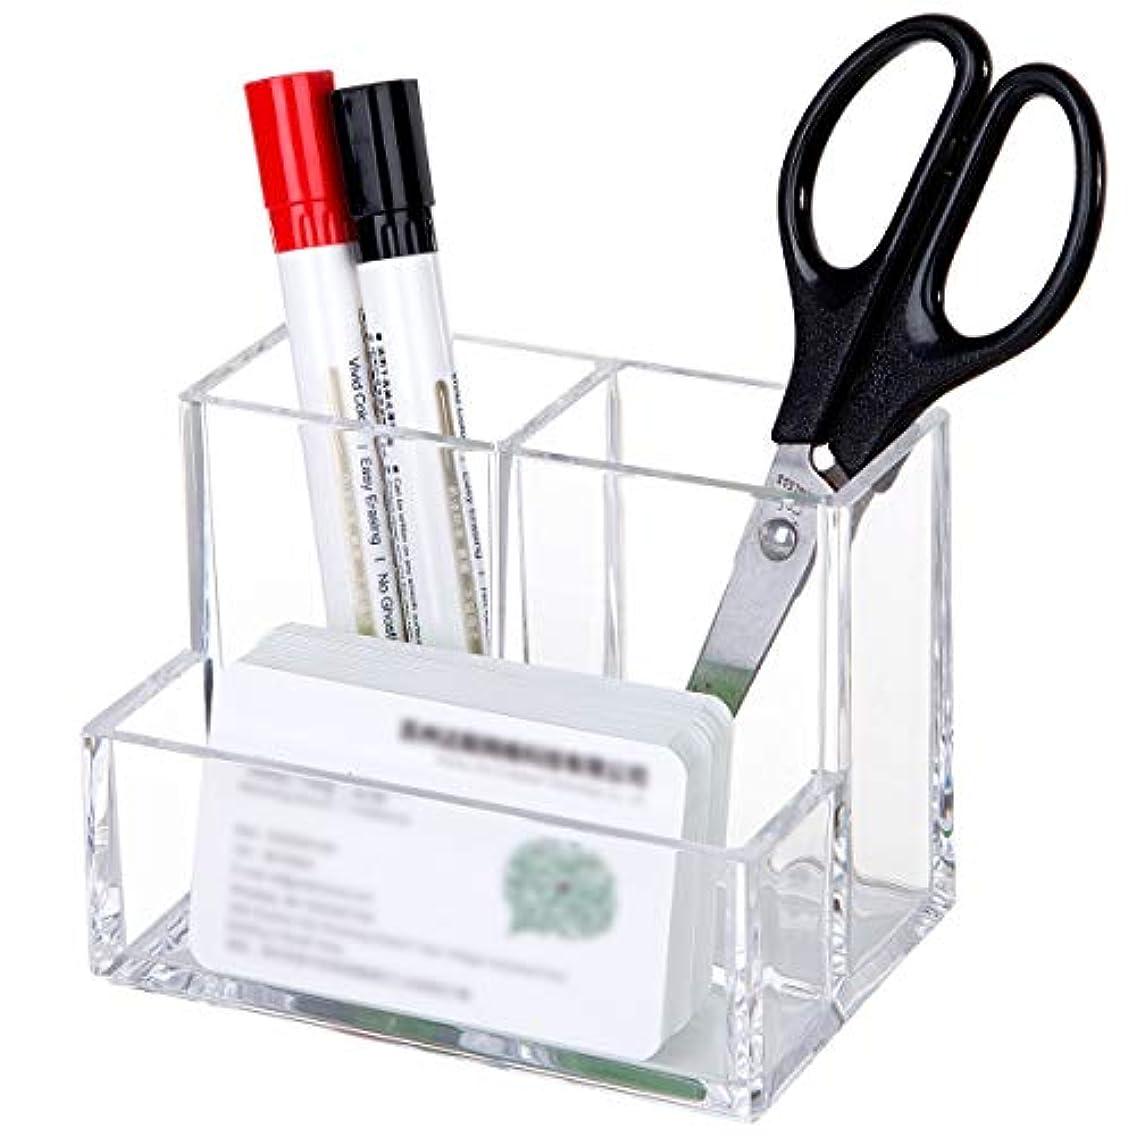 ハイキング面白いウィンク化粧筆収納 アクリル コスメ小物用品?化粧品収納ケース 透明